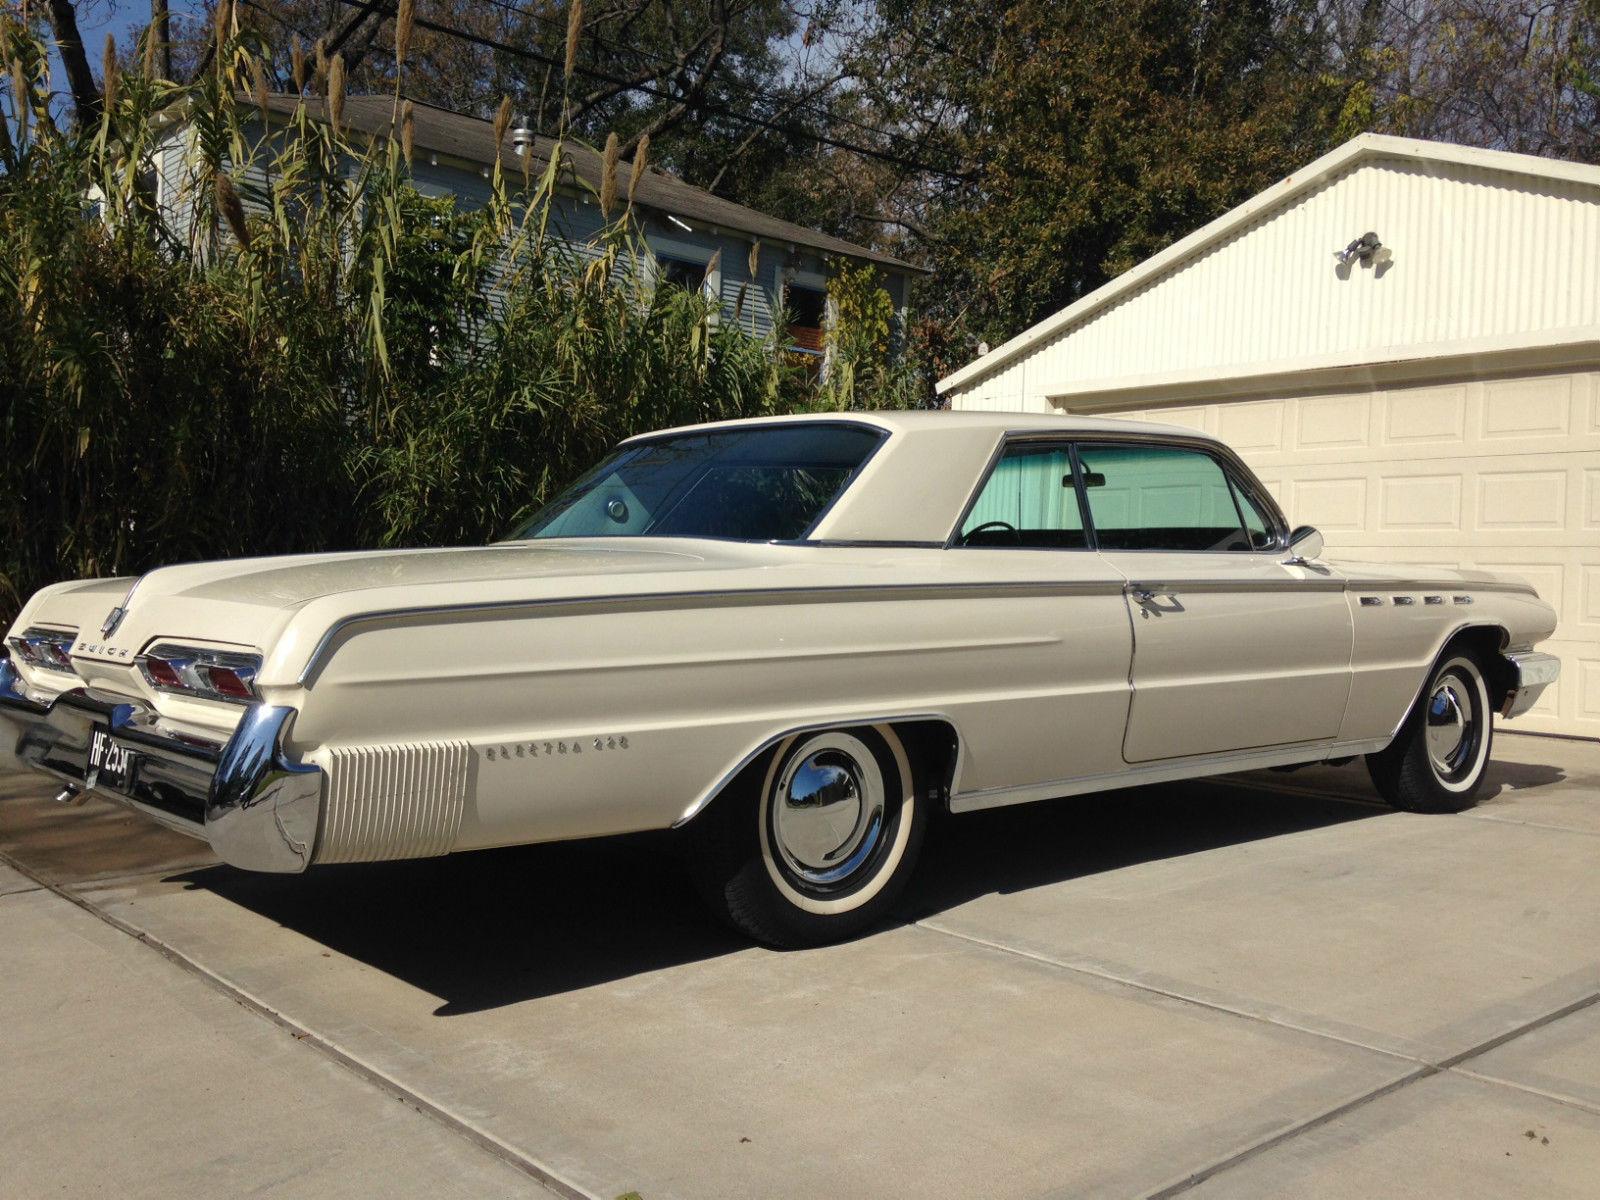 1962 Buick Electra 225 2 Door Hardtop For Sale In Houston